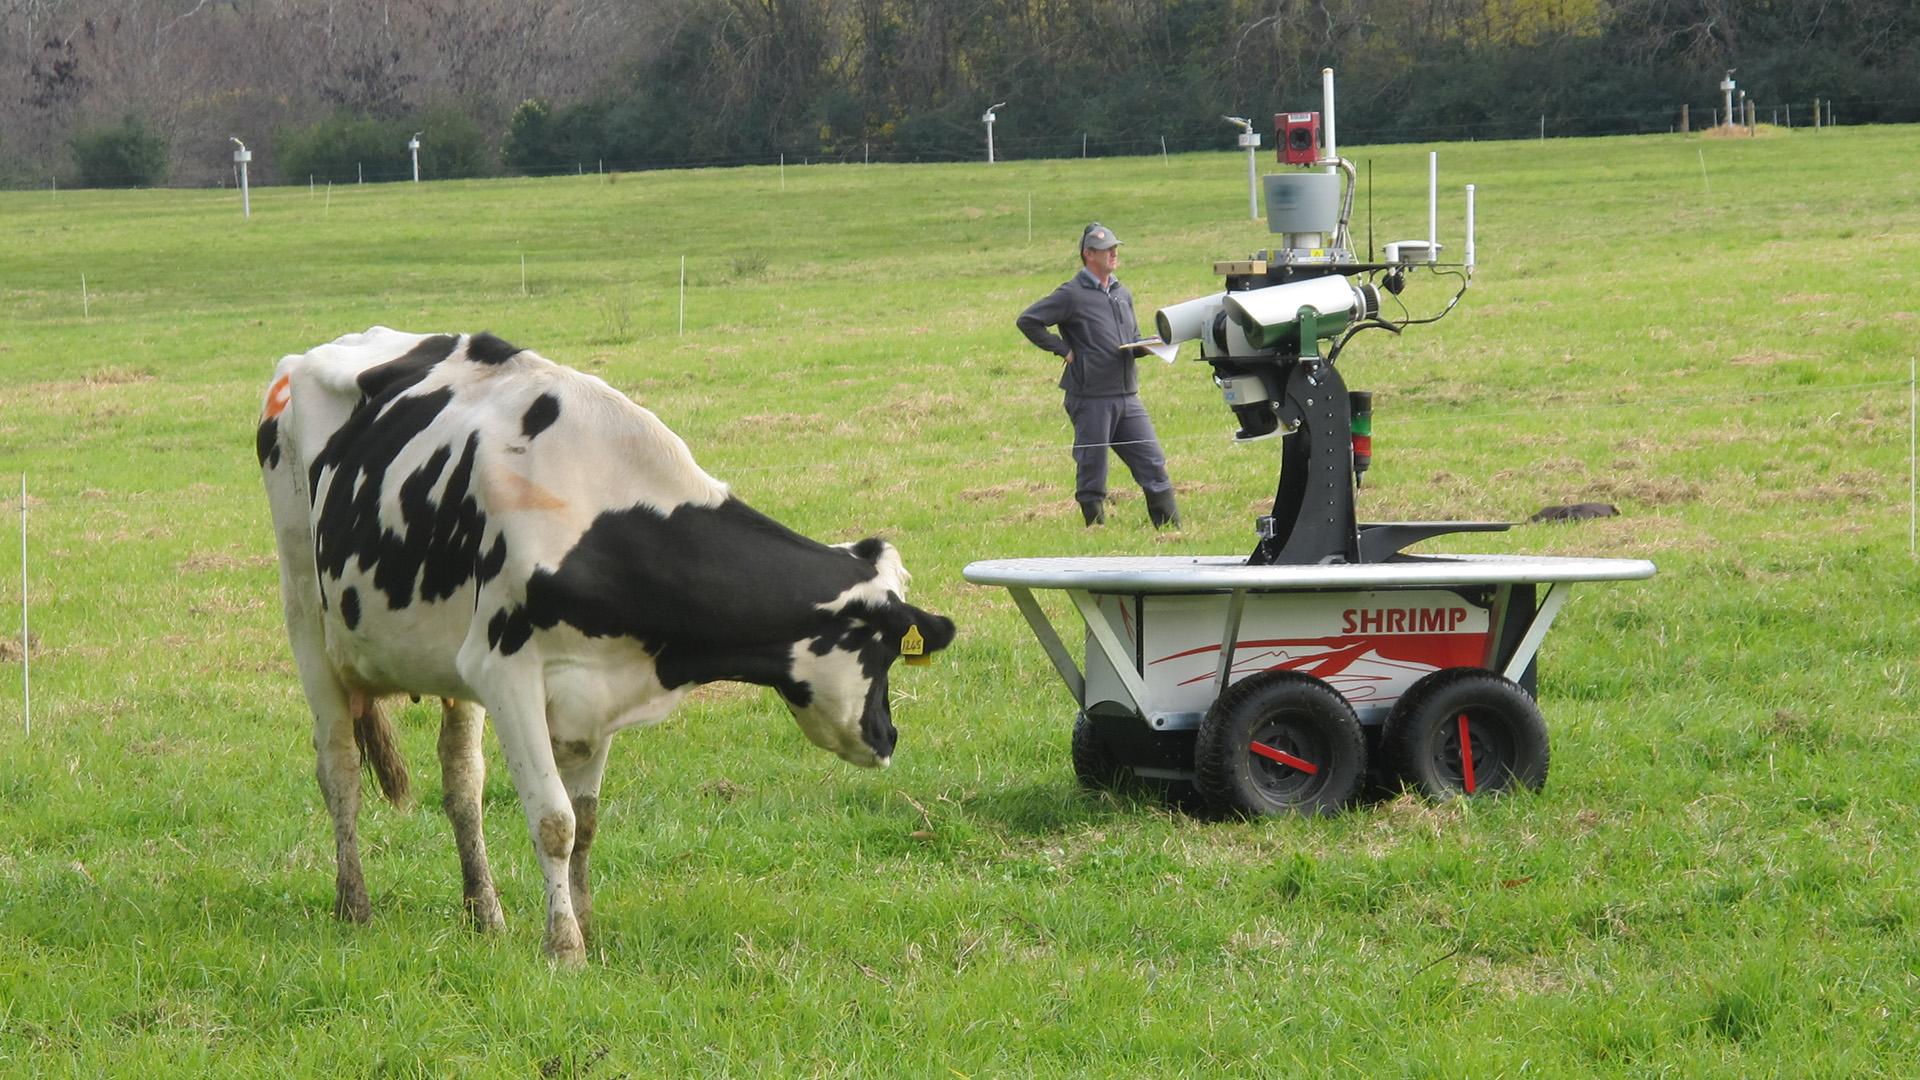 году реферат робототехника в сельском хозяйстве кроликами